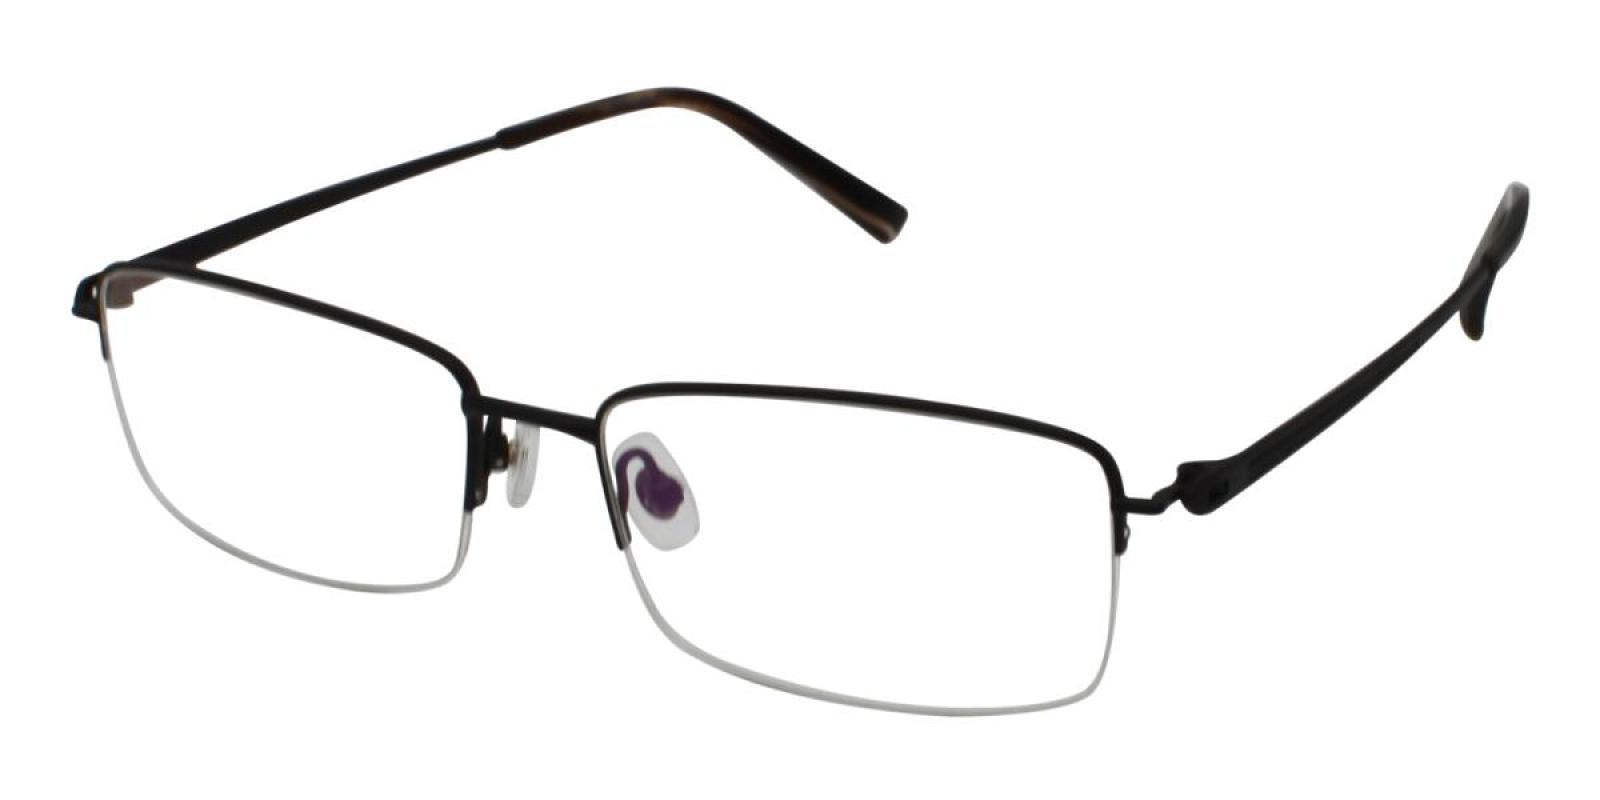 Oliv-Black-Rectangle-Titanium-Eyeglasses-additional1